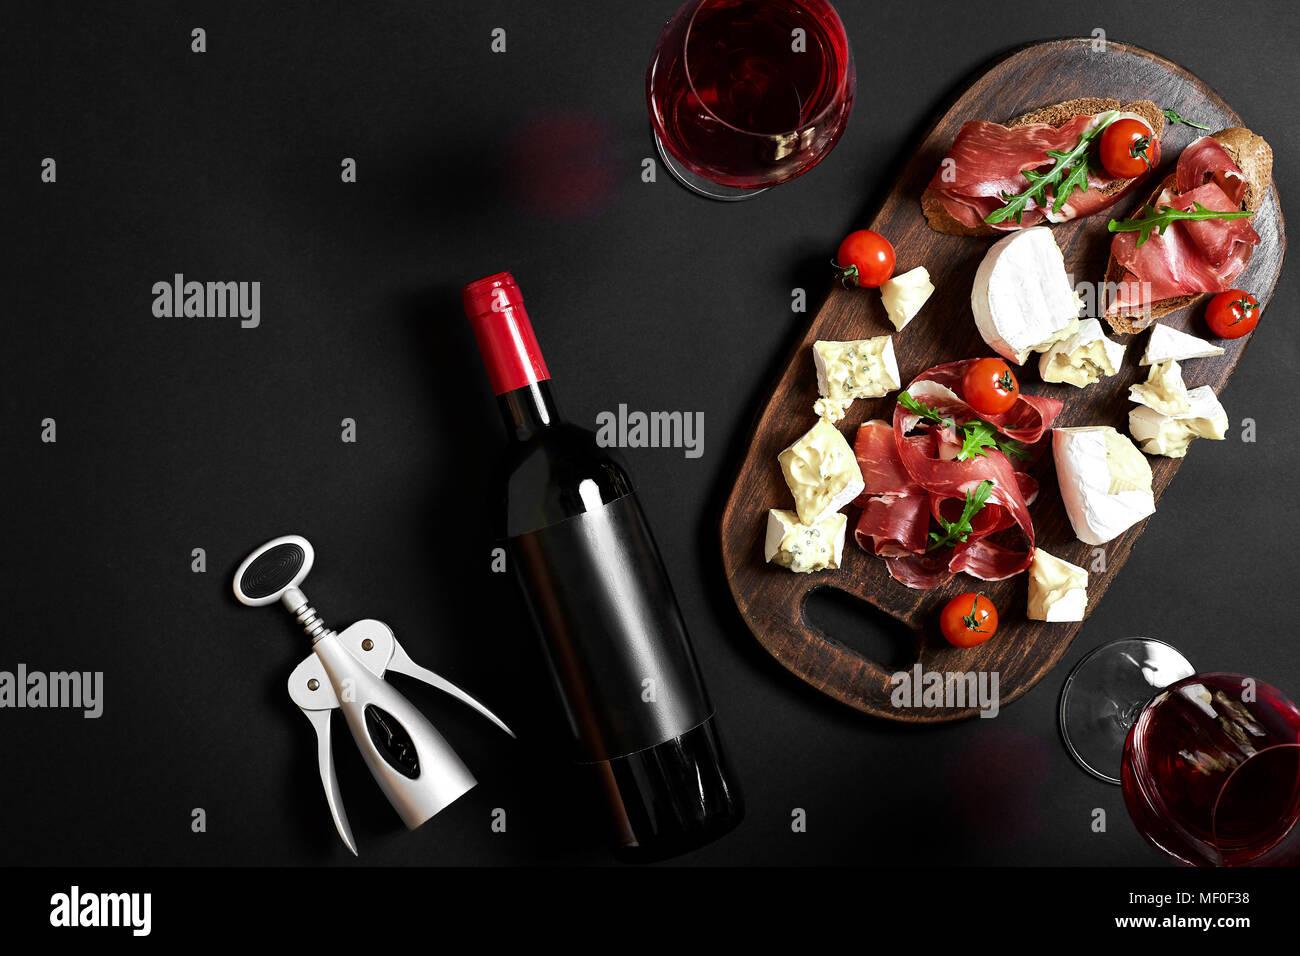 Köstliche Vorspeise zu Wein, Schinken, Käse, Baguette, Scheiben, Tomaten, serviert auf einem Holzbrett und Glas mit Rotwein auf schwarze Oberfläche Stockbild